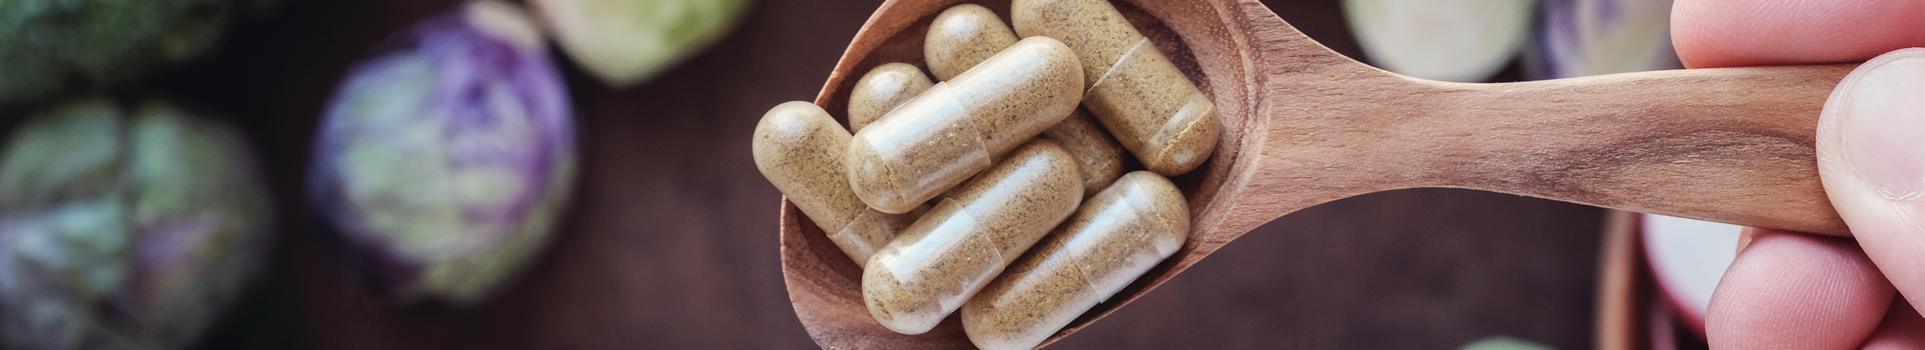 Natural supplements, Dr. Elyssa Wright